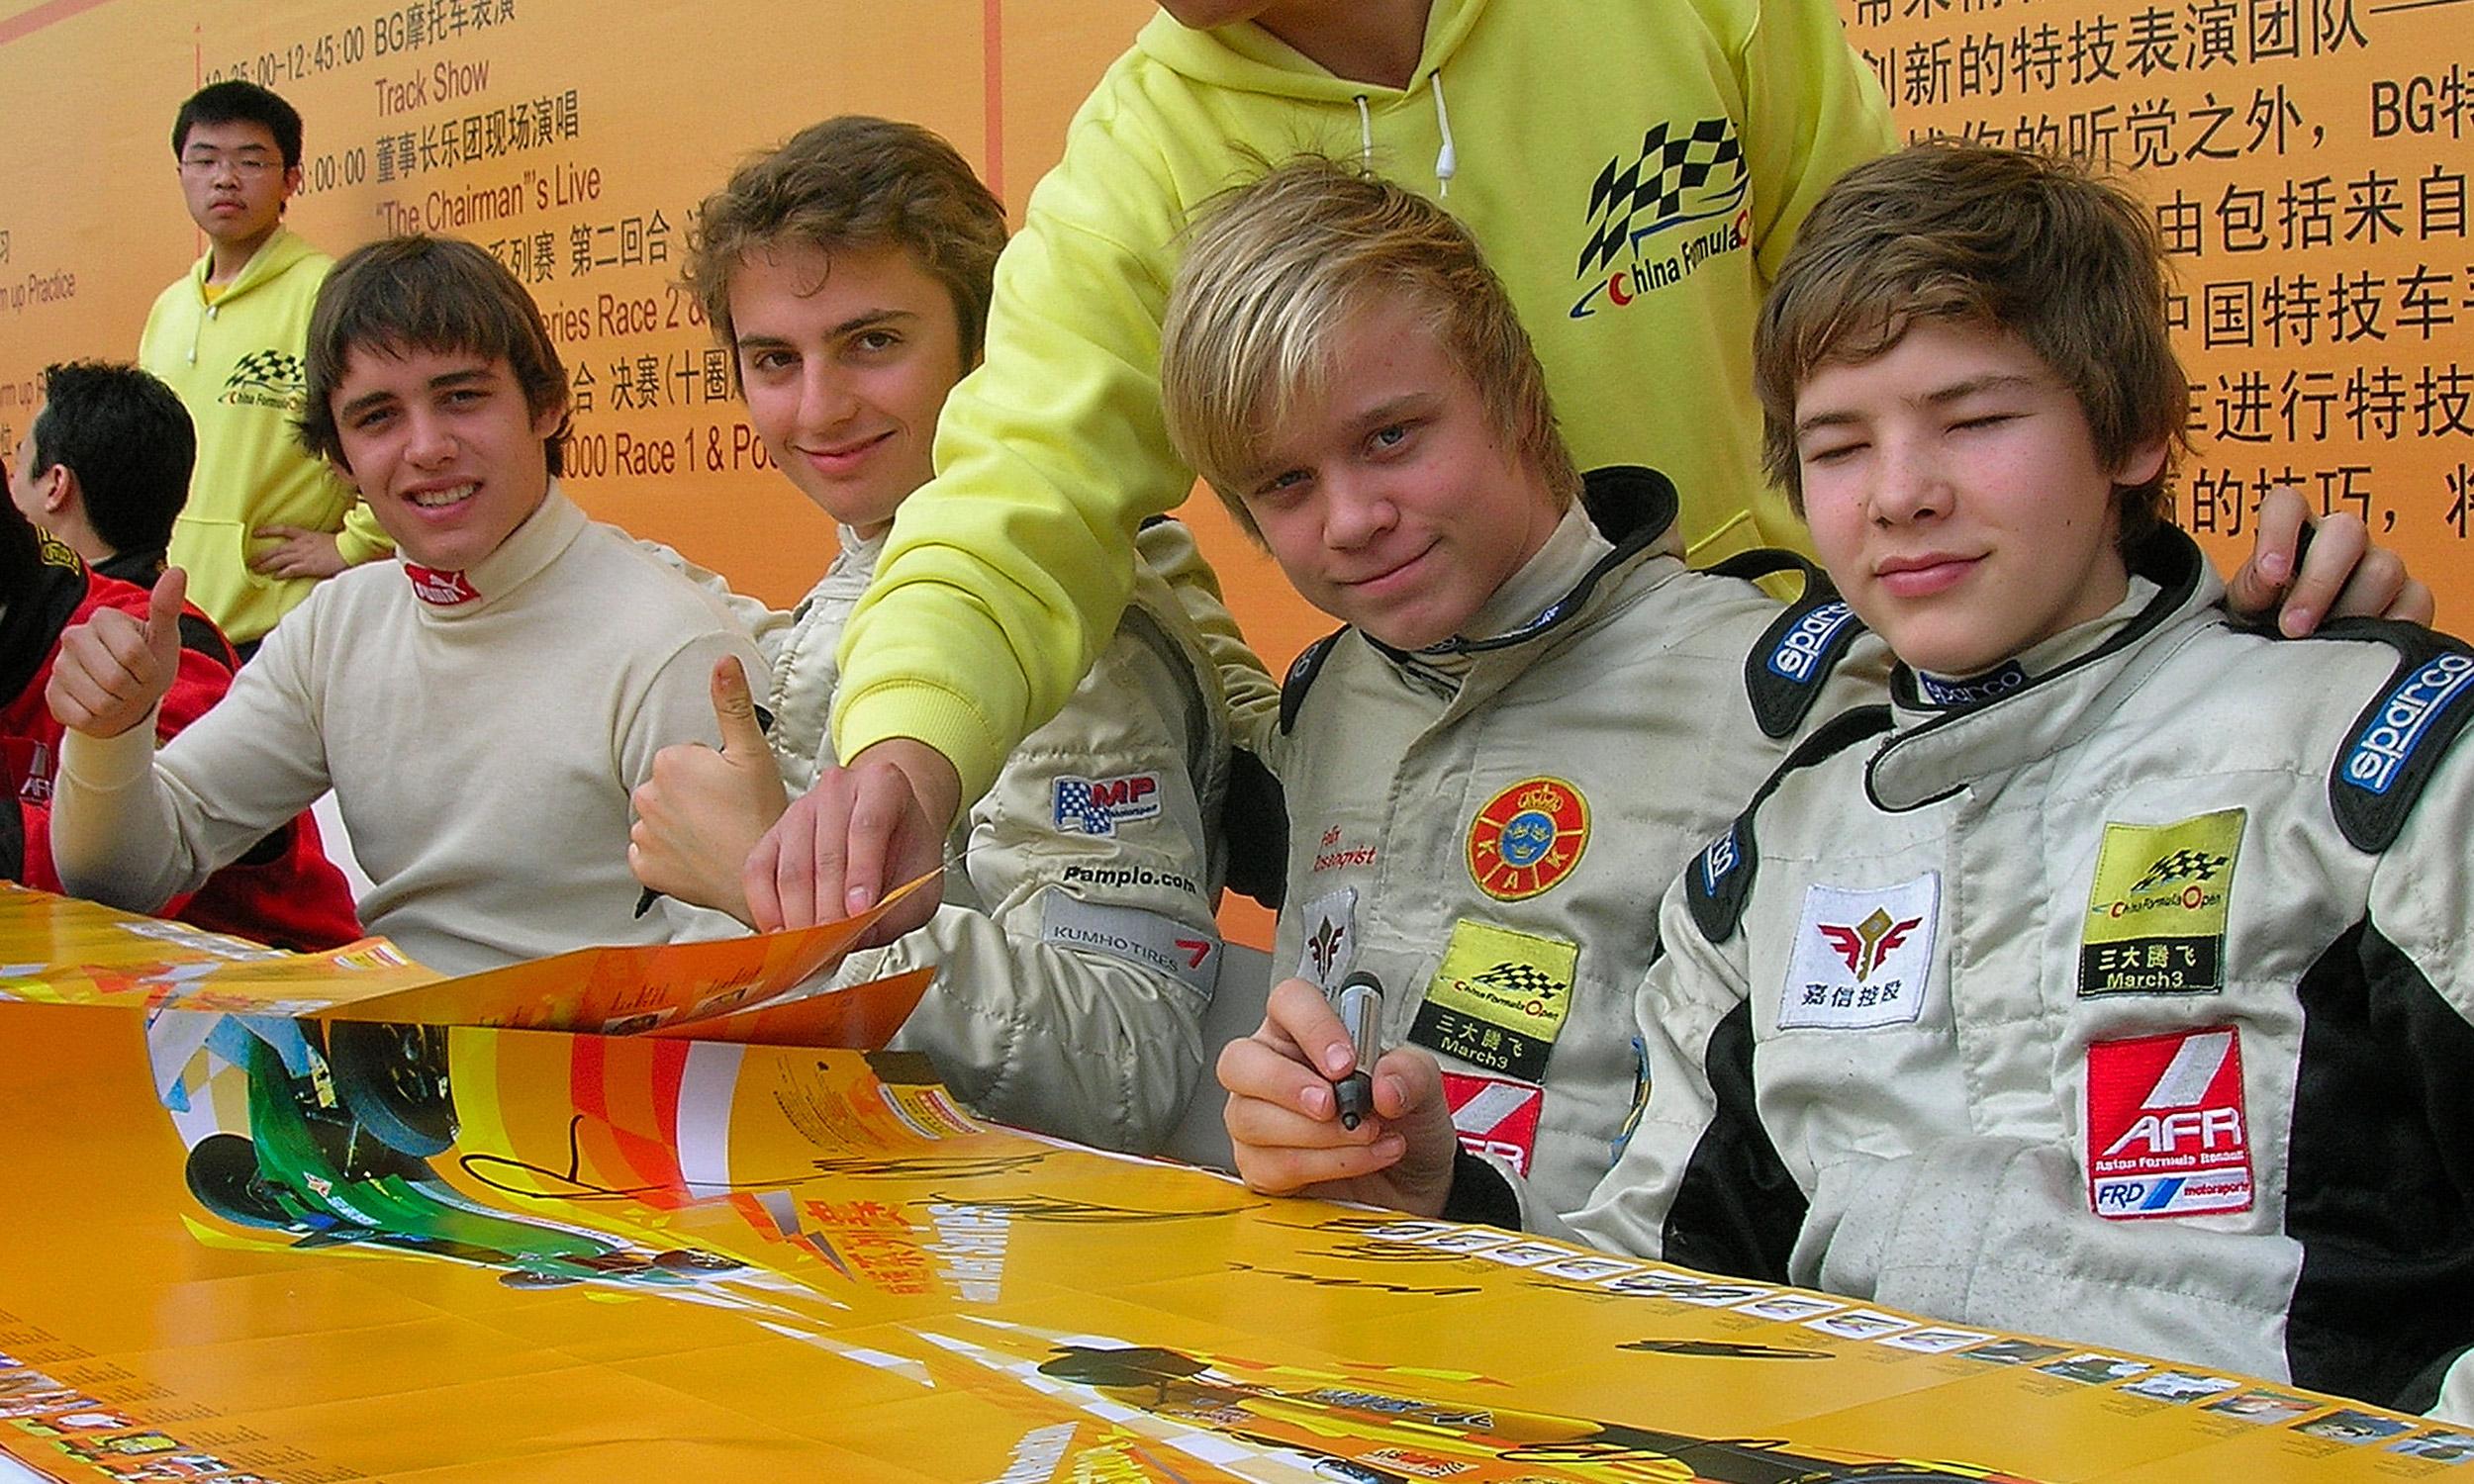 2007 - Formel Renault 2.0 Asien